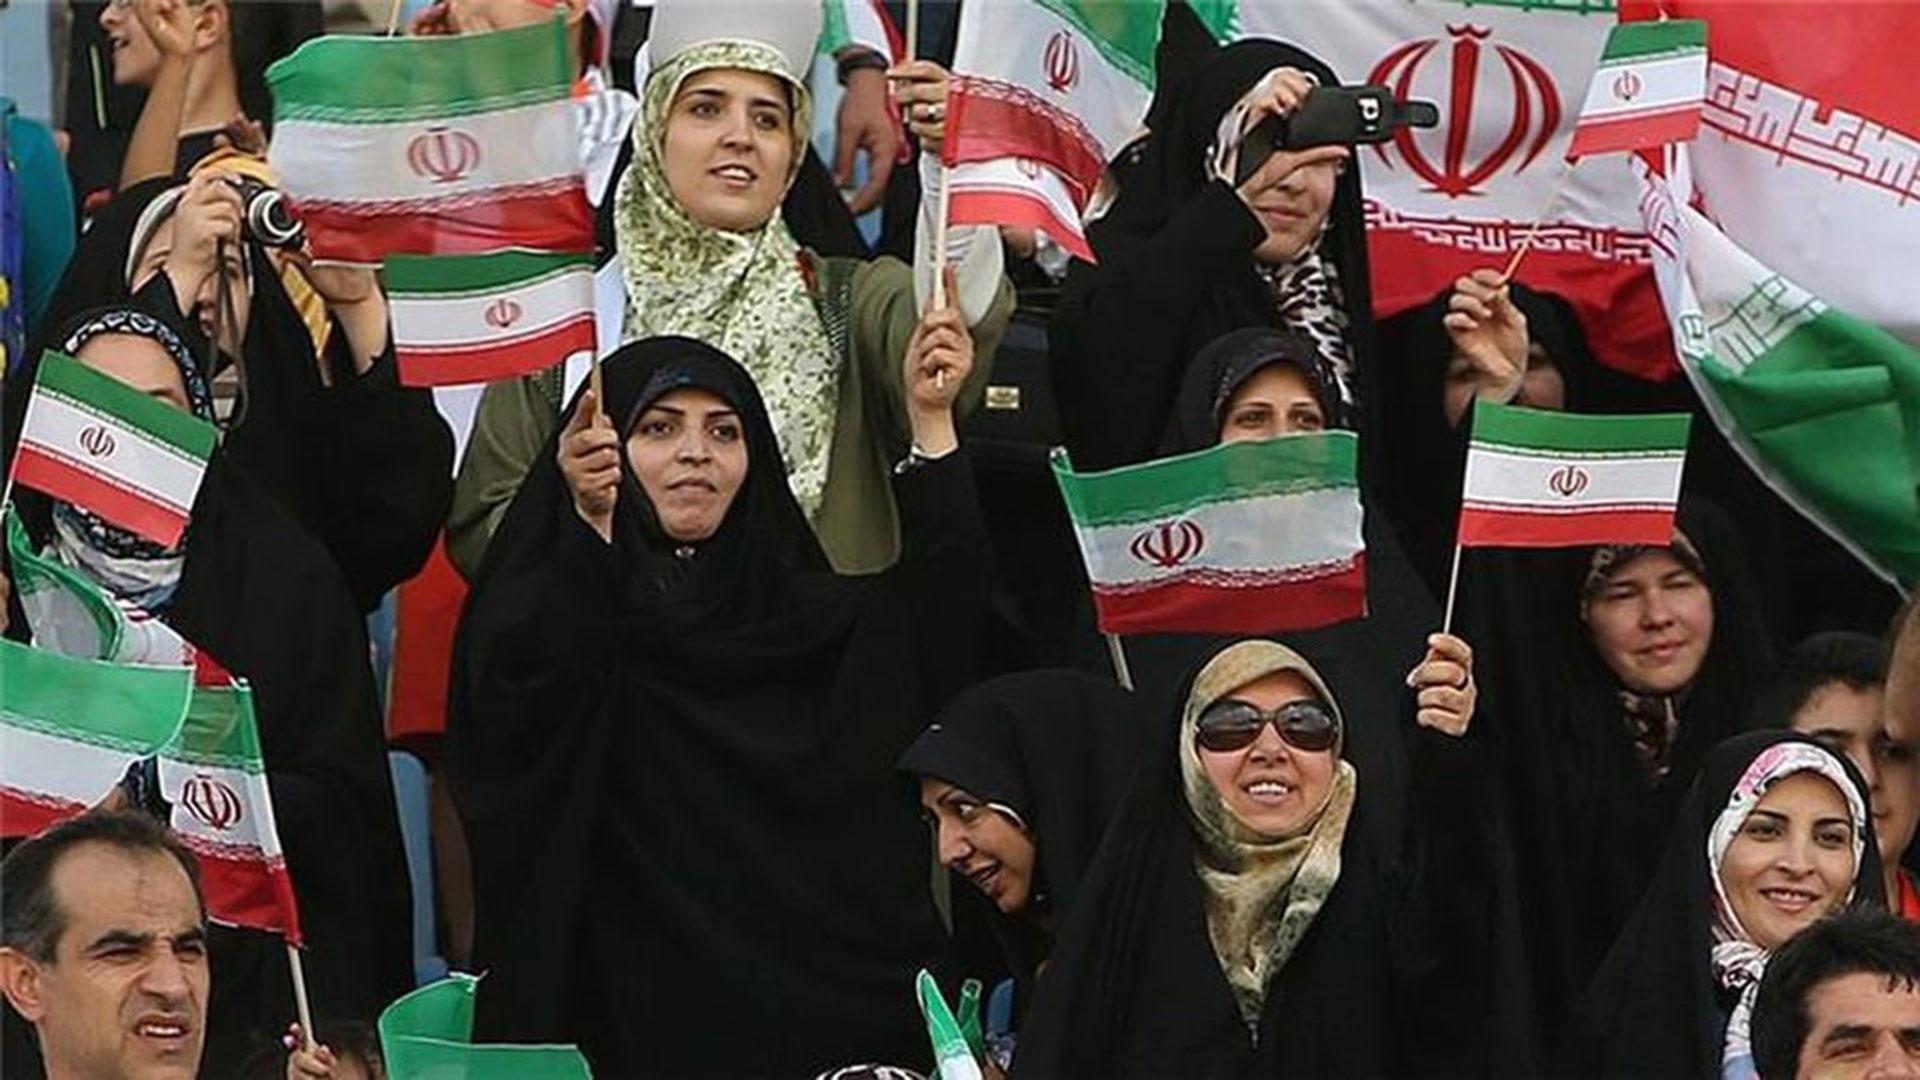 Las fanáticas de Irán pretenden su lugar en los estadios